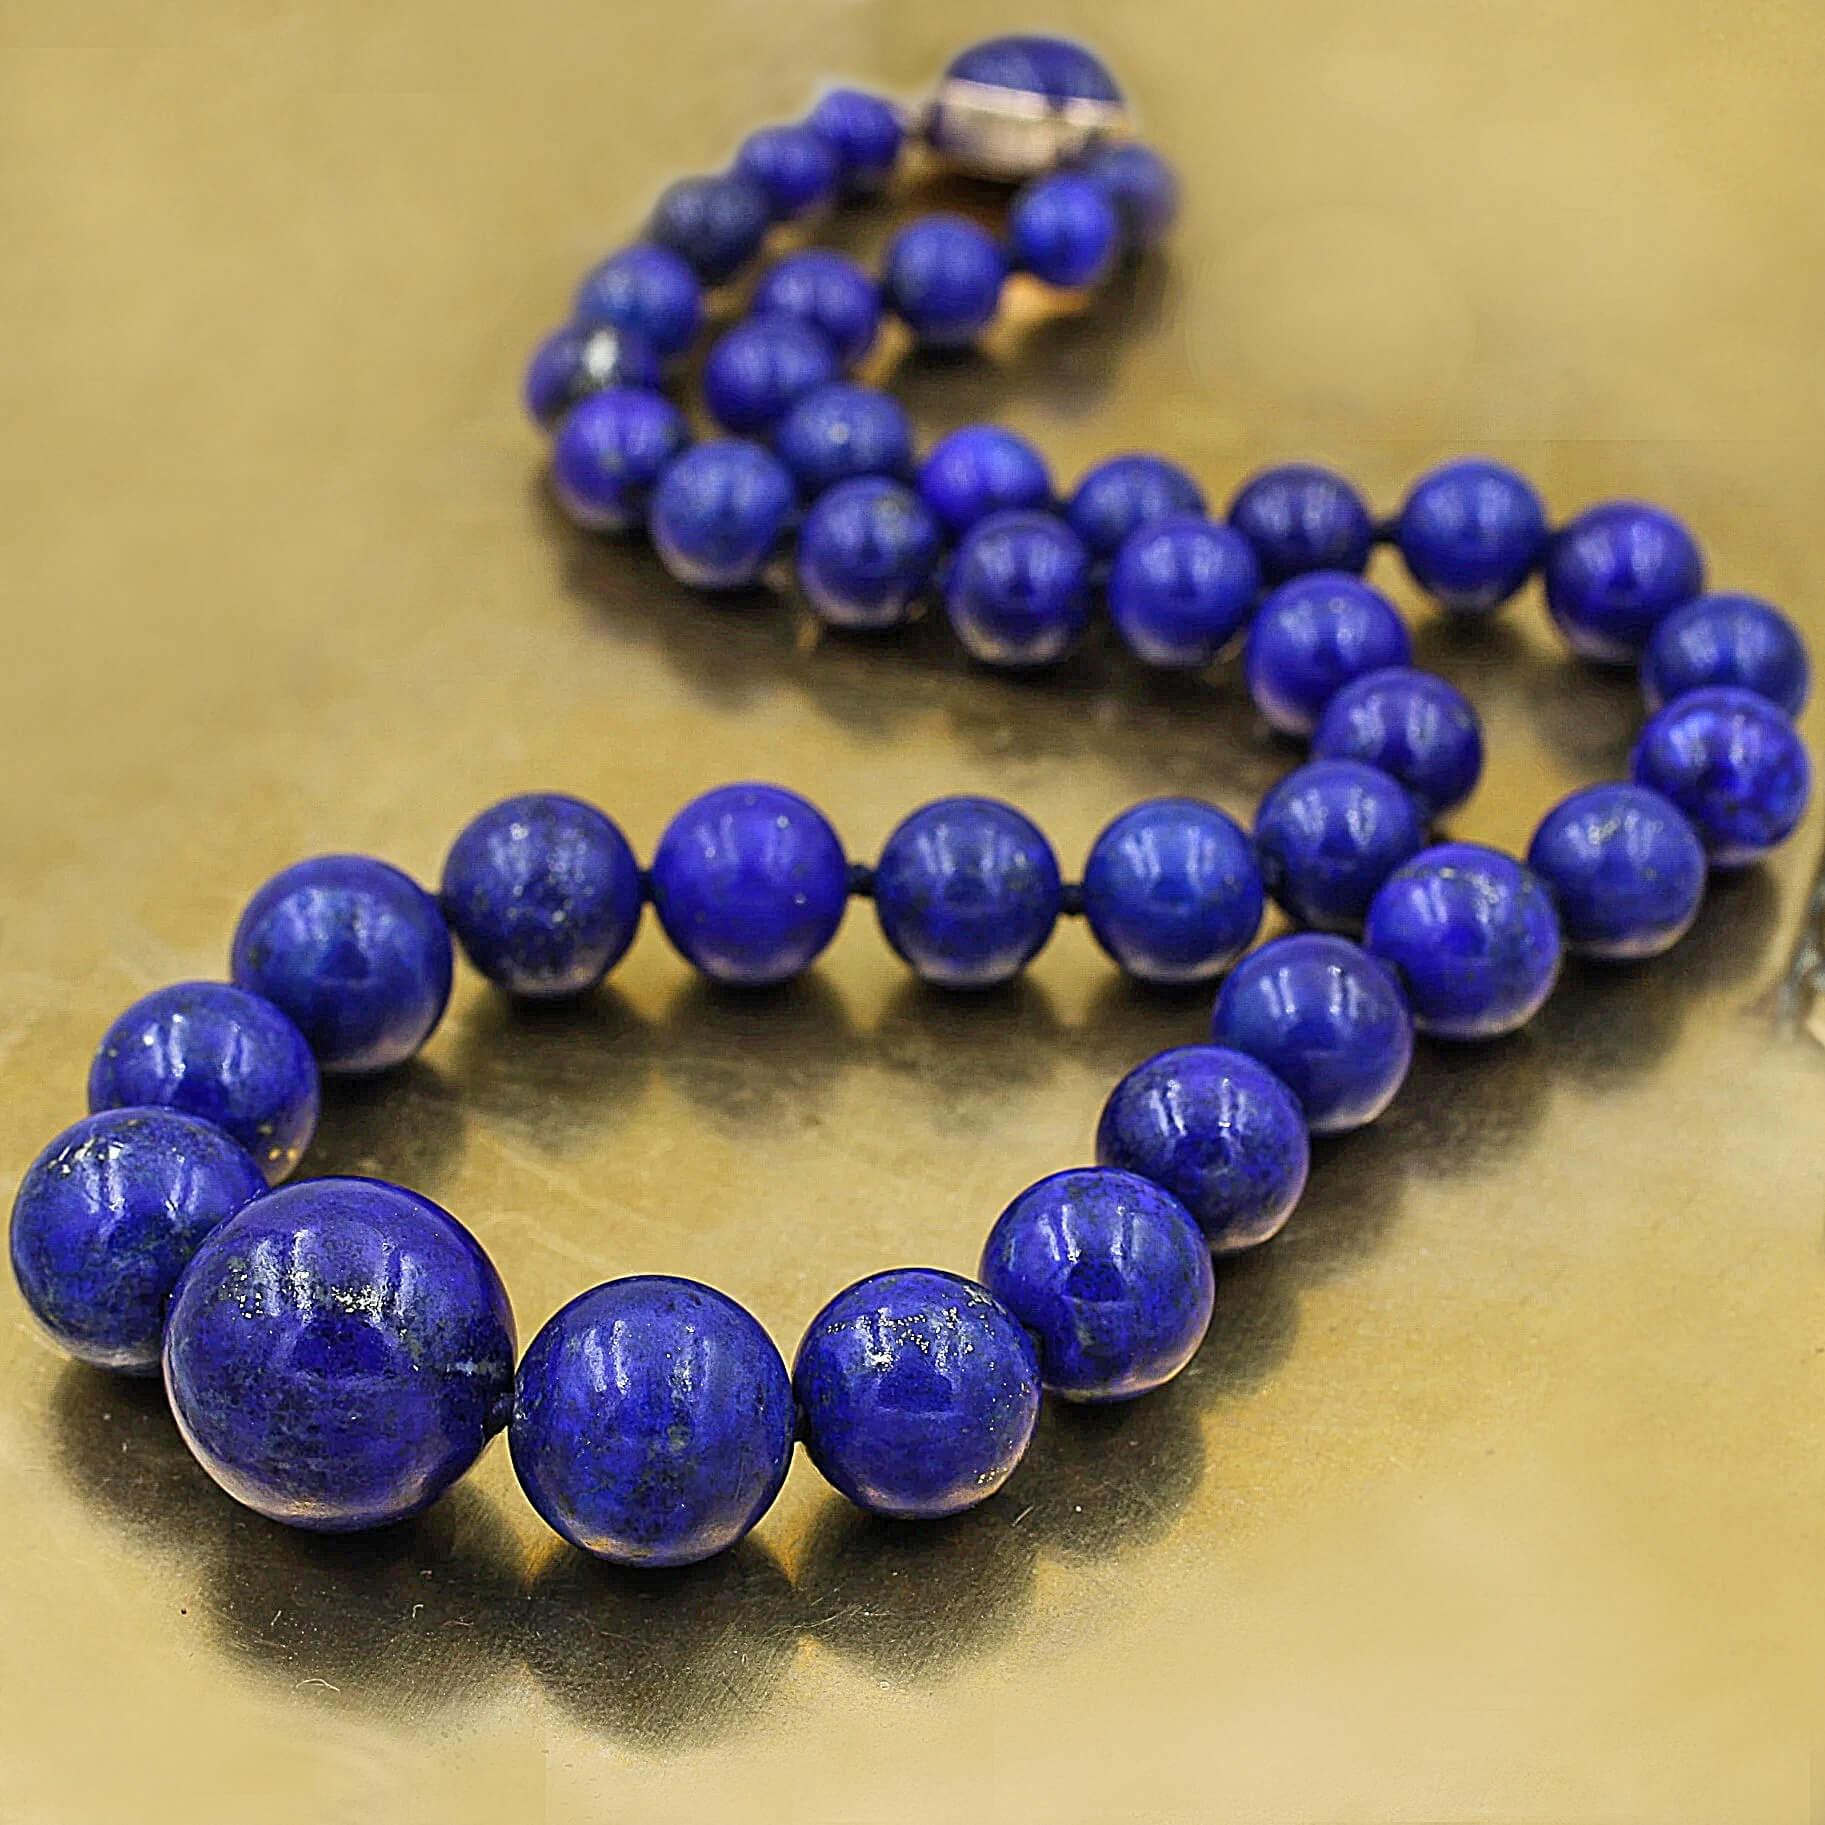 Natural Lapis Lazuli Beads Necklace